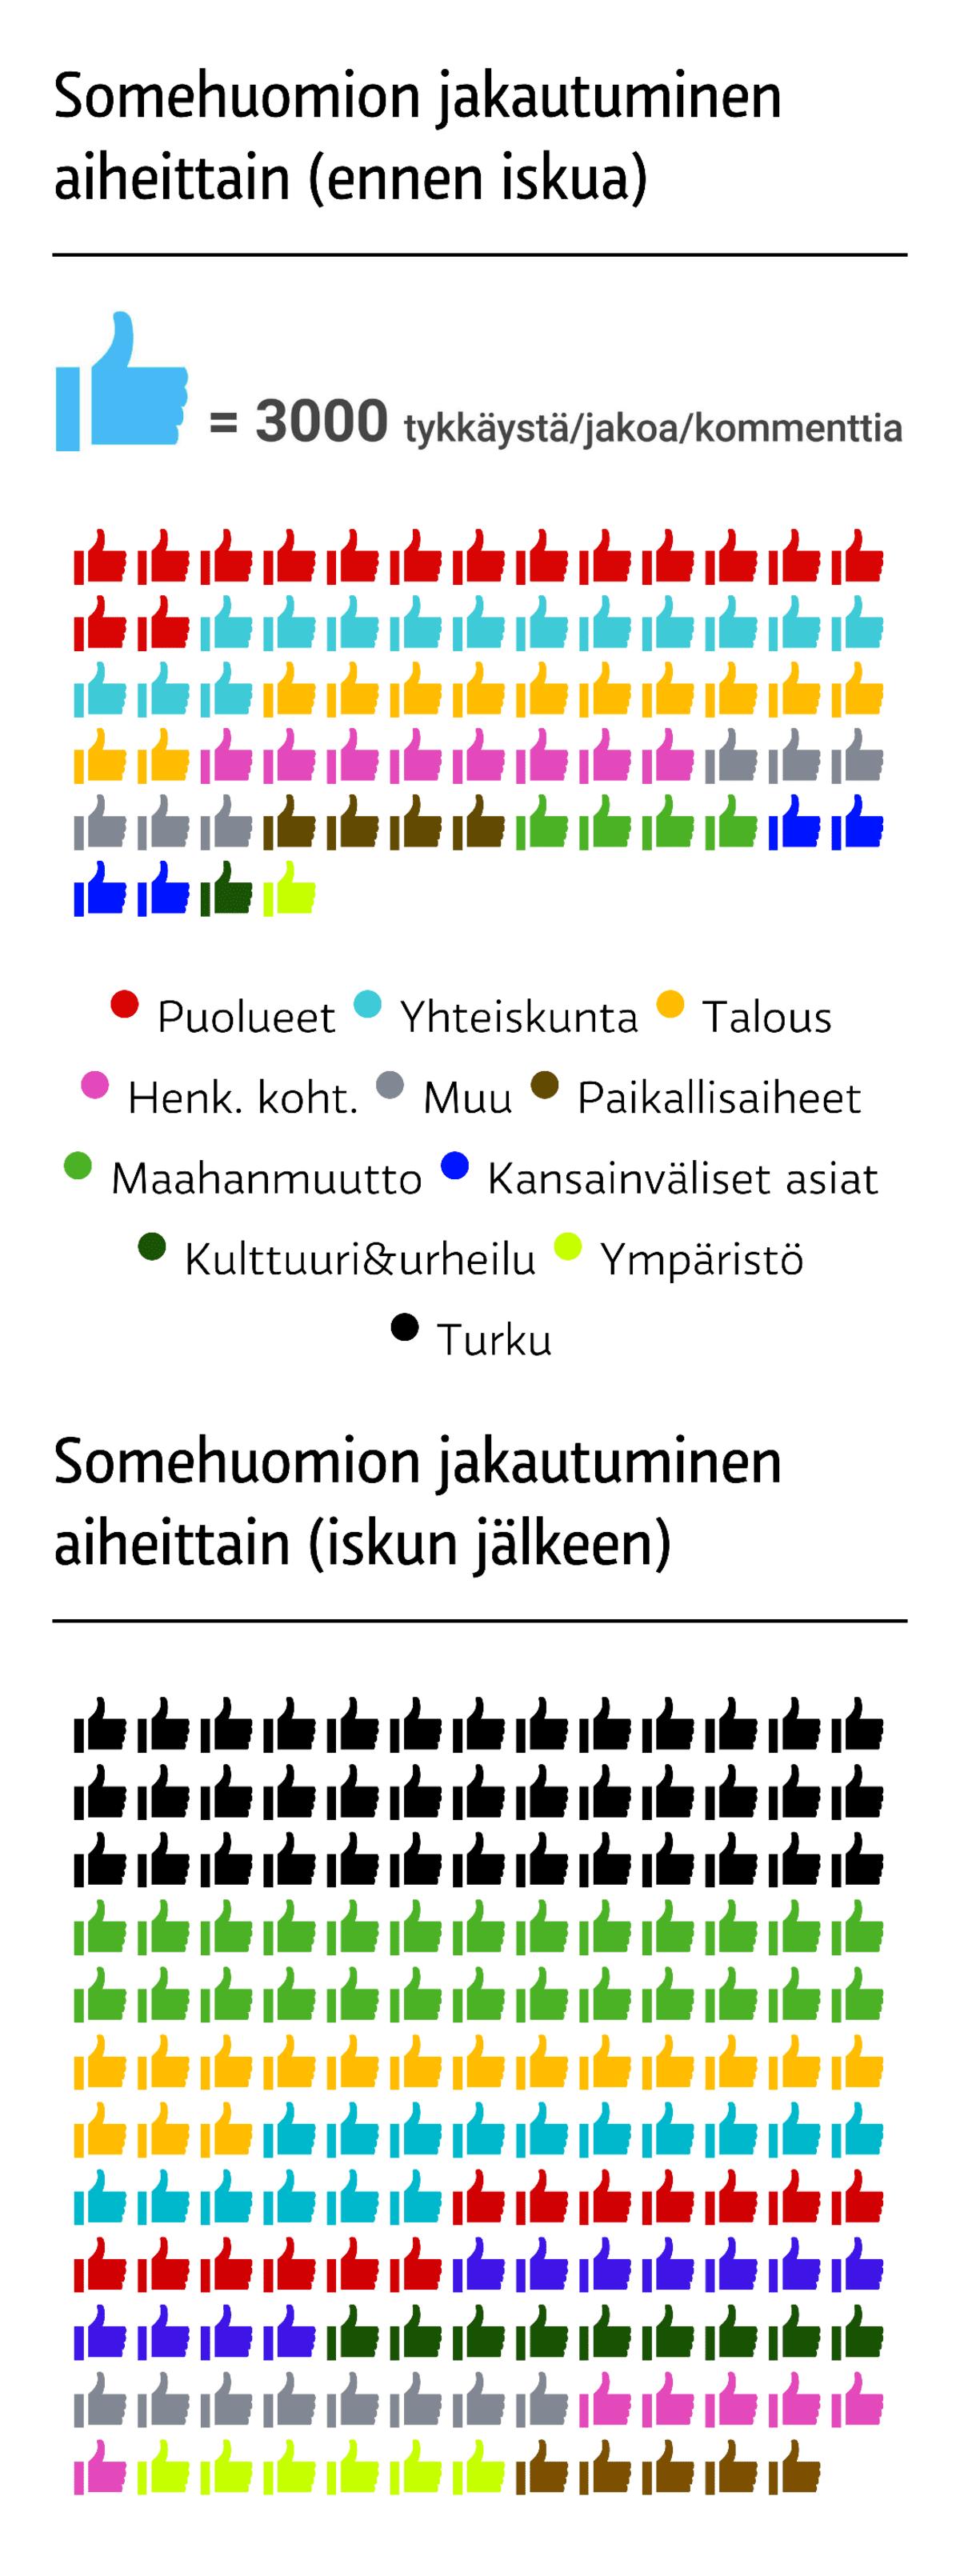 Ennen iskua poliitikot puhuivat yhteiskunnasta ja puolueistaan. Iskun jälkeen puhe kääntyi Turkuun ja maahanmuuttoon. Yleisön reaktiot jakautuivat saman suuntaisesti.